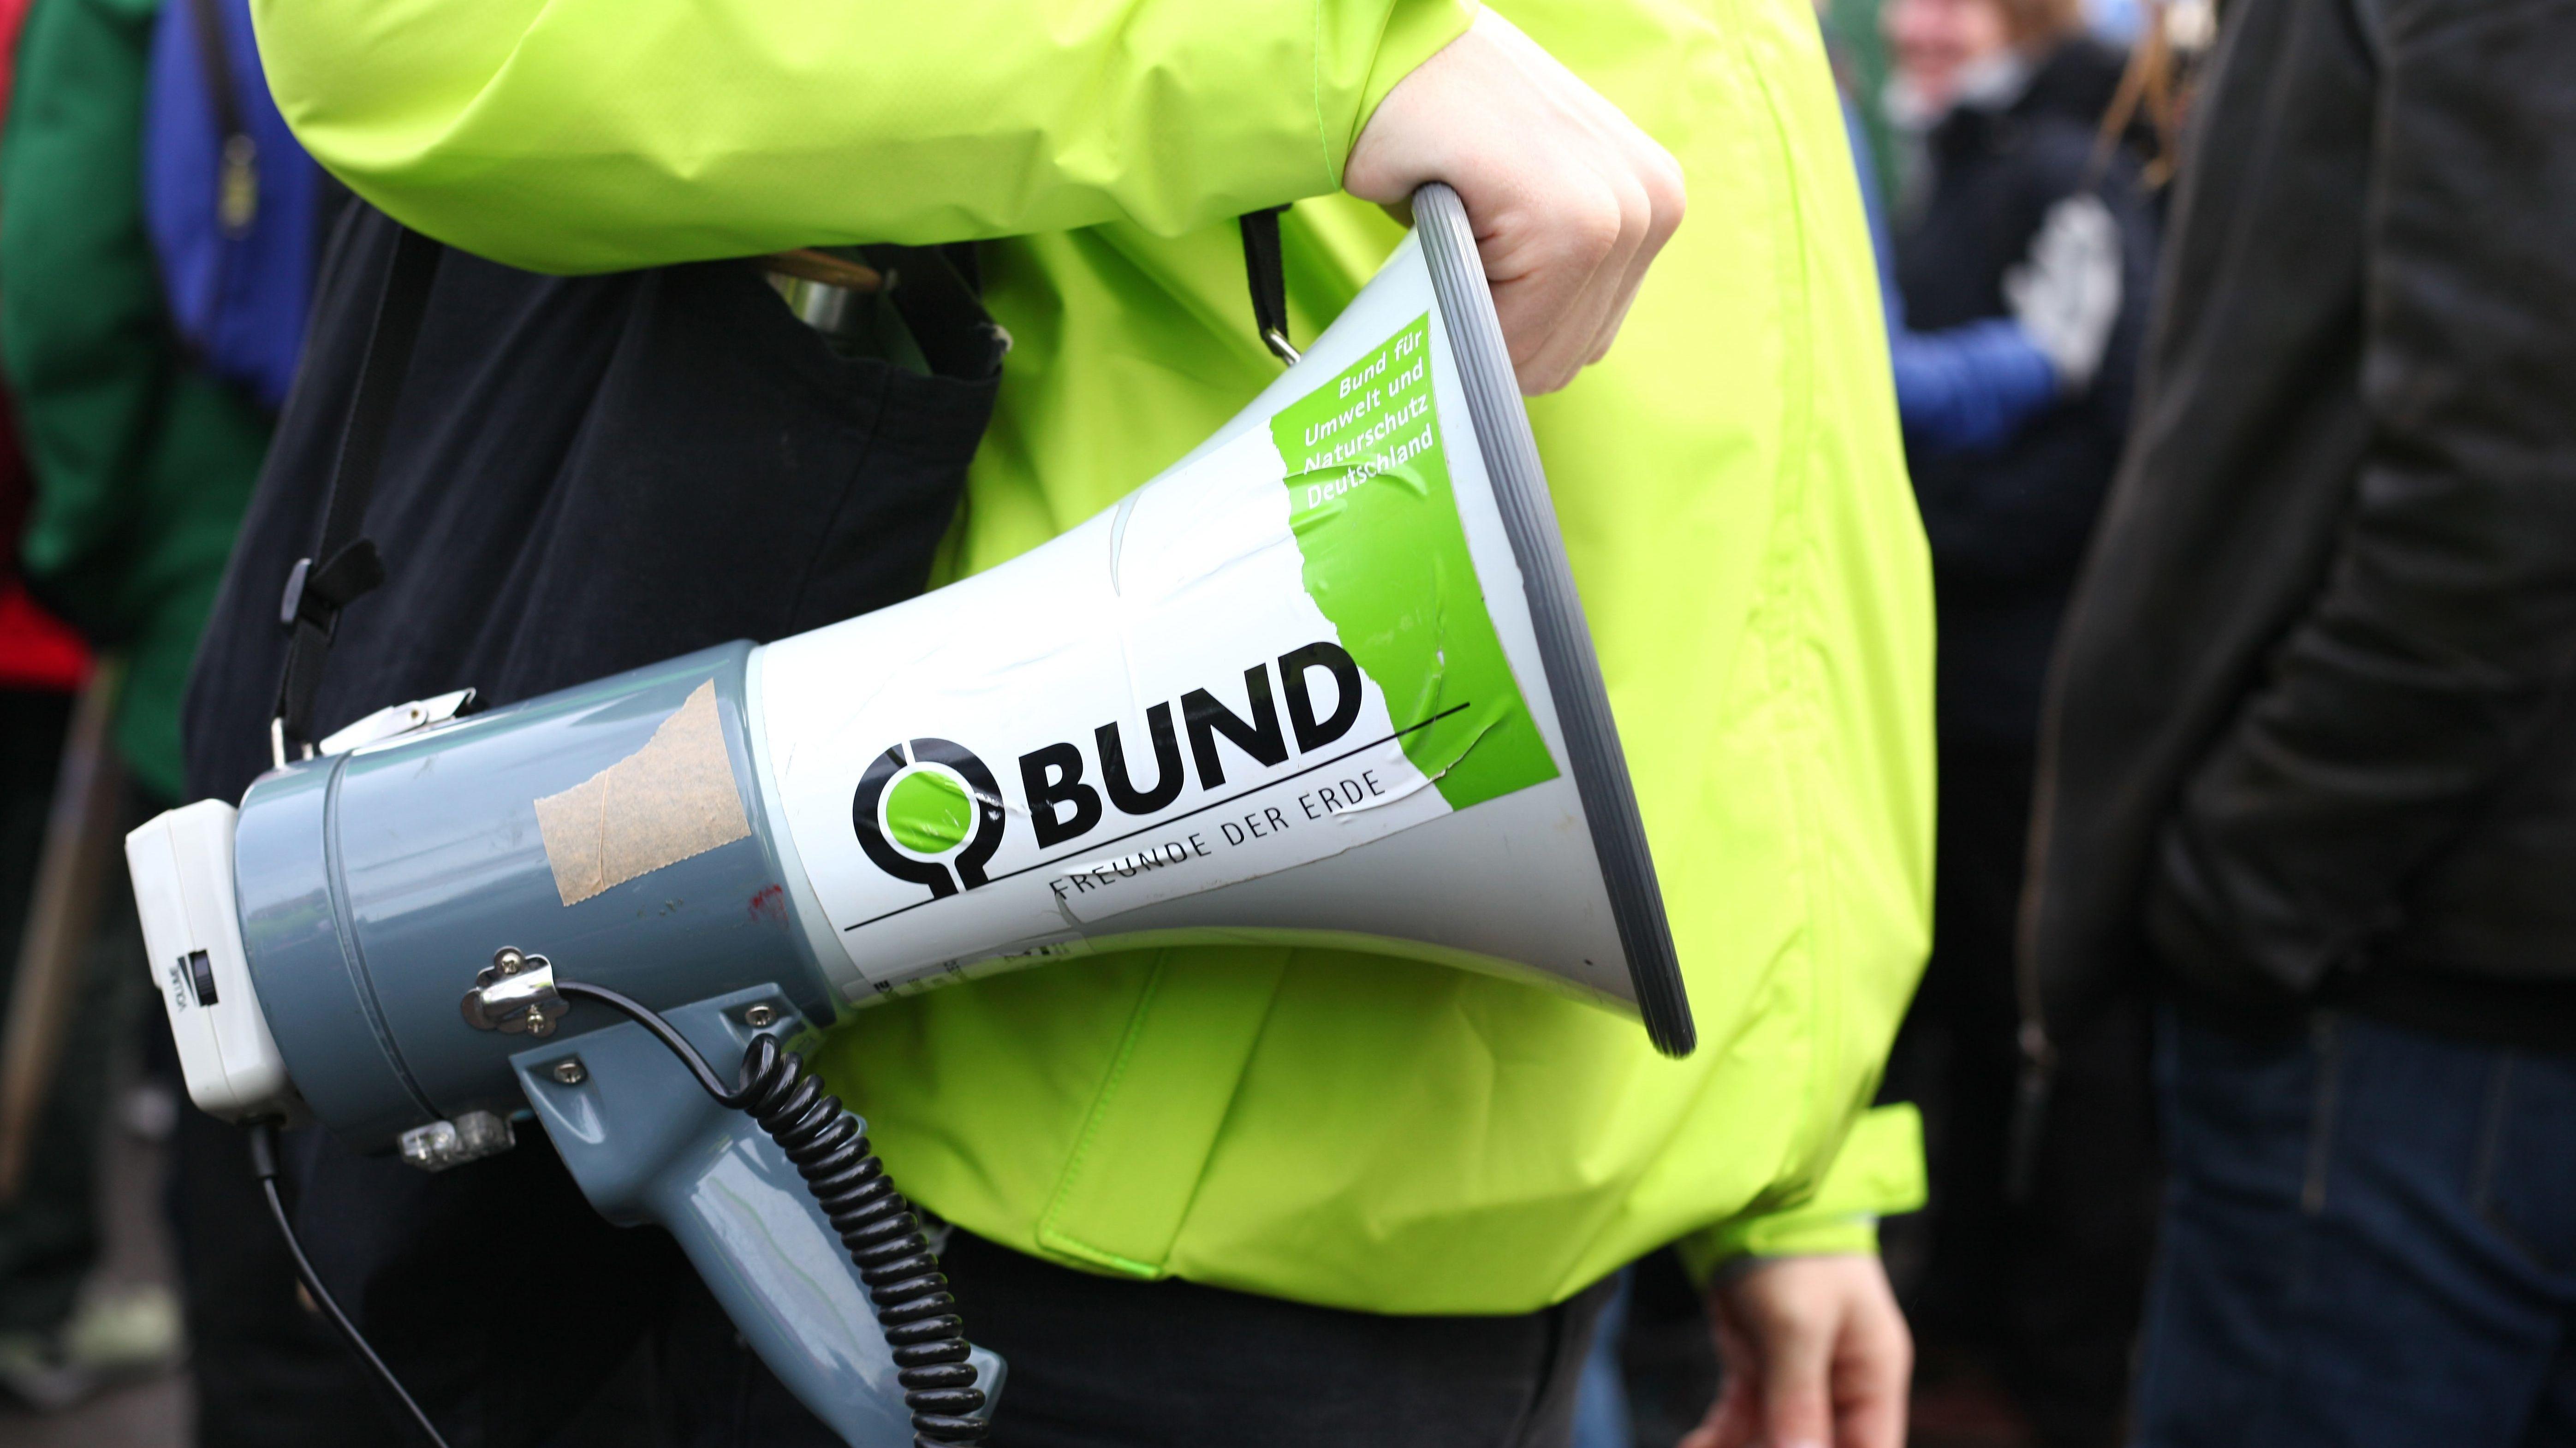 Bund Naturschutz kämpft gegen Flächenverbrauch und für Artenvielfalt: Demonstrant in neongrüner Jacke mit Megaphon in der Hand, auf dem ein Aufkleber des BUNDs geklebt ist